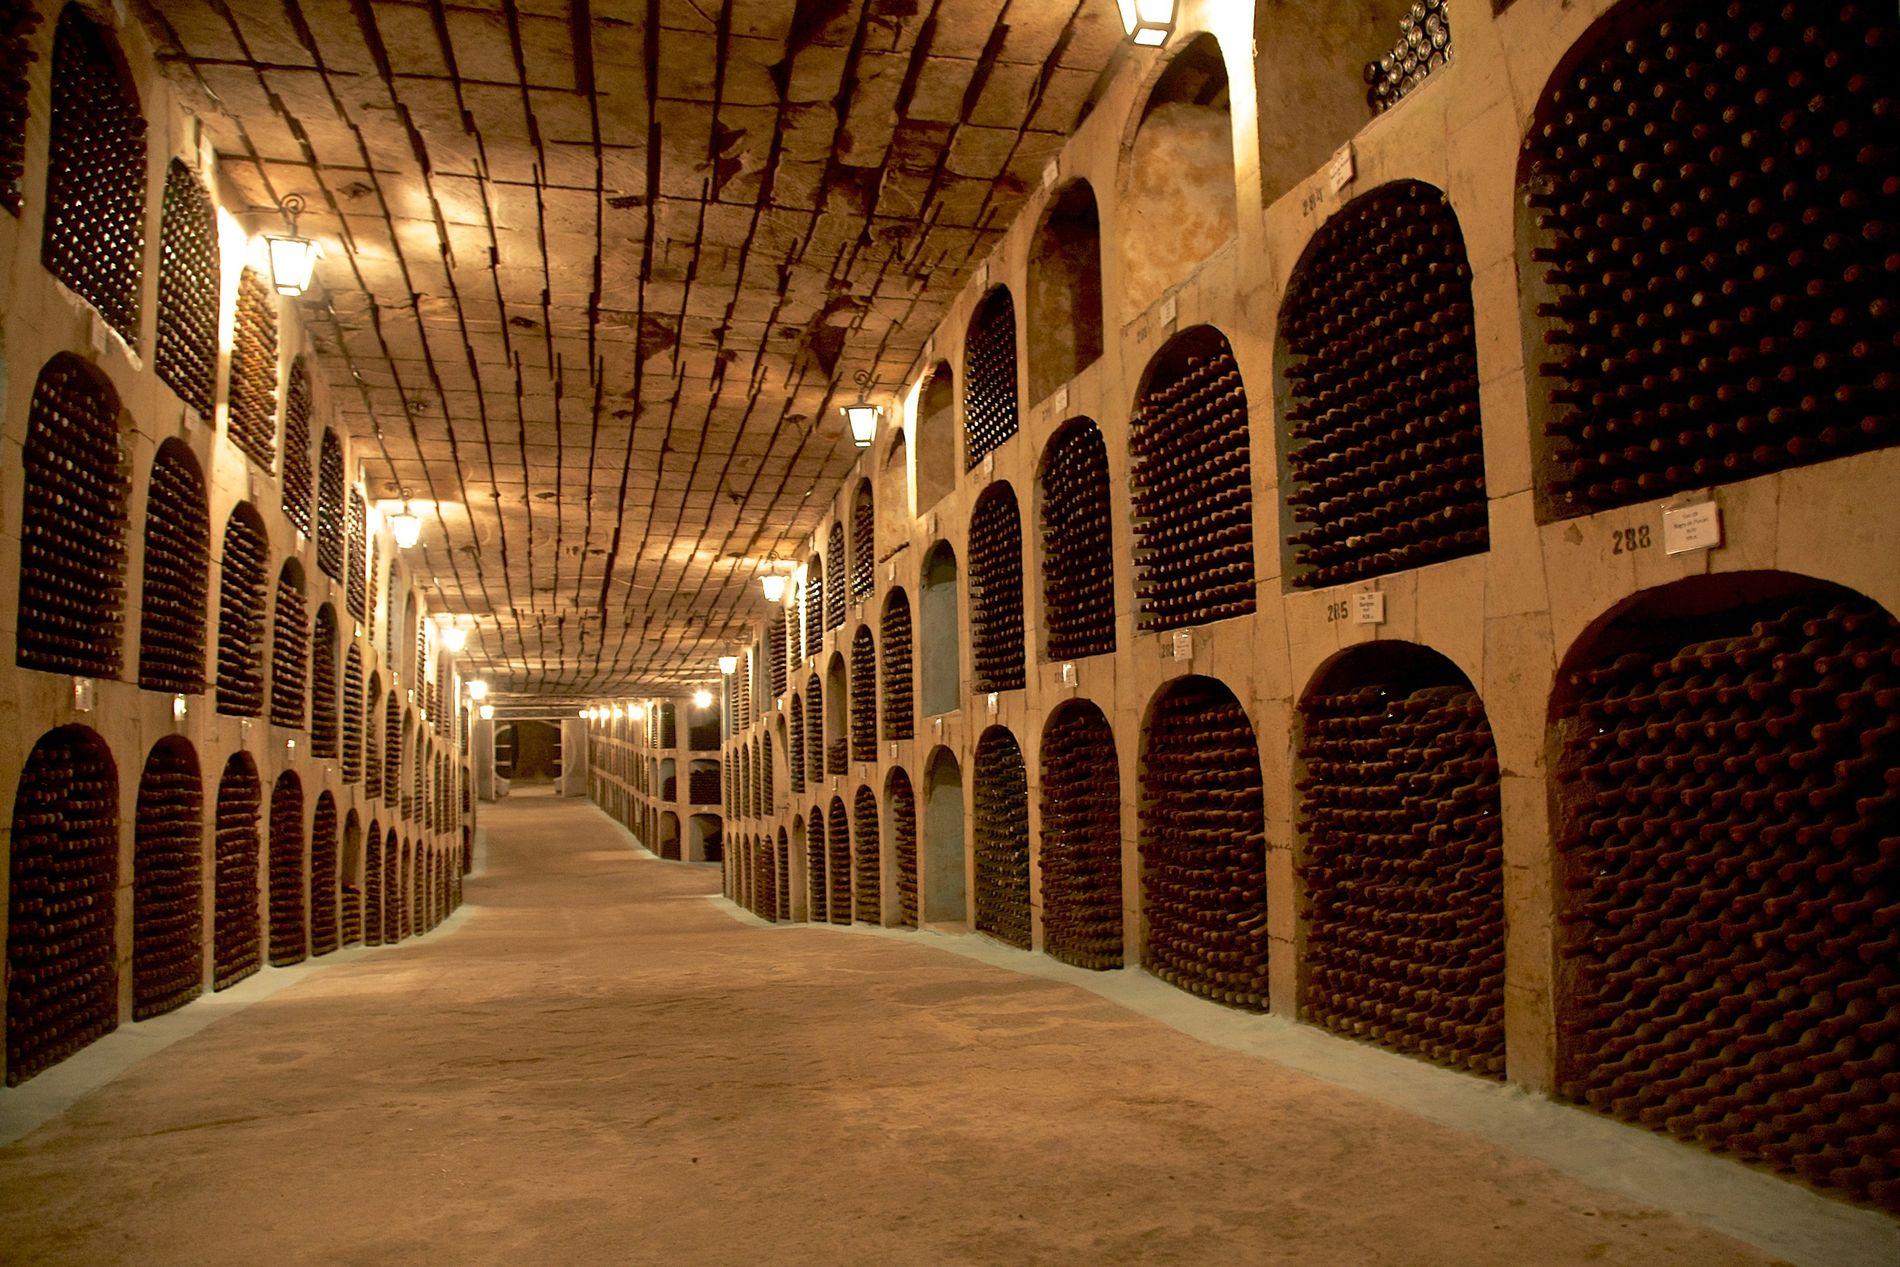 Mileștii Mici contiene casi dos millones de botellas de vino, por lo que se ha ganado el reconocimiento del libro Guinness de los récords como la mayor colección de vinos del mundo.